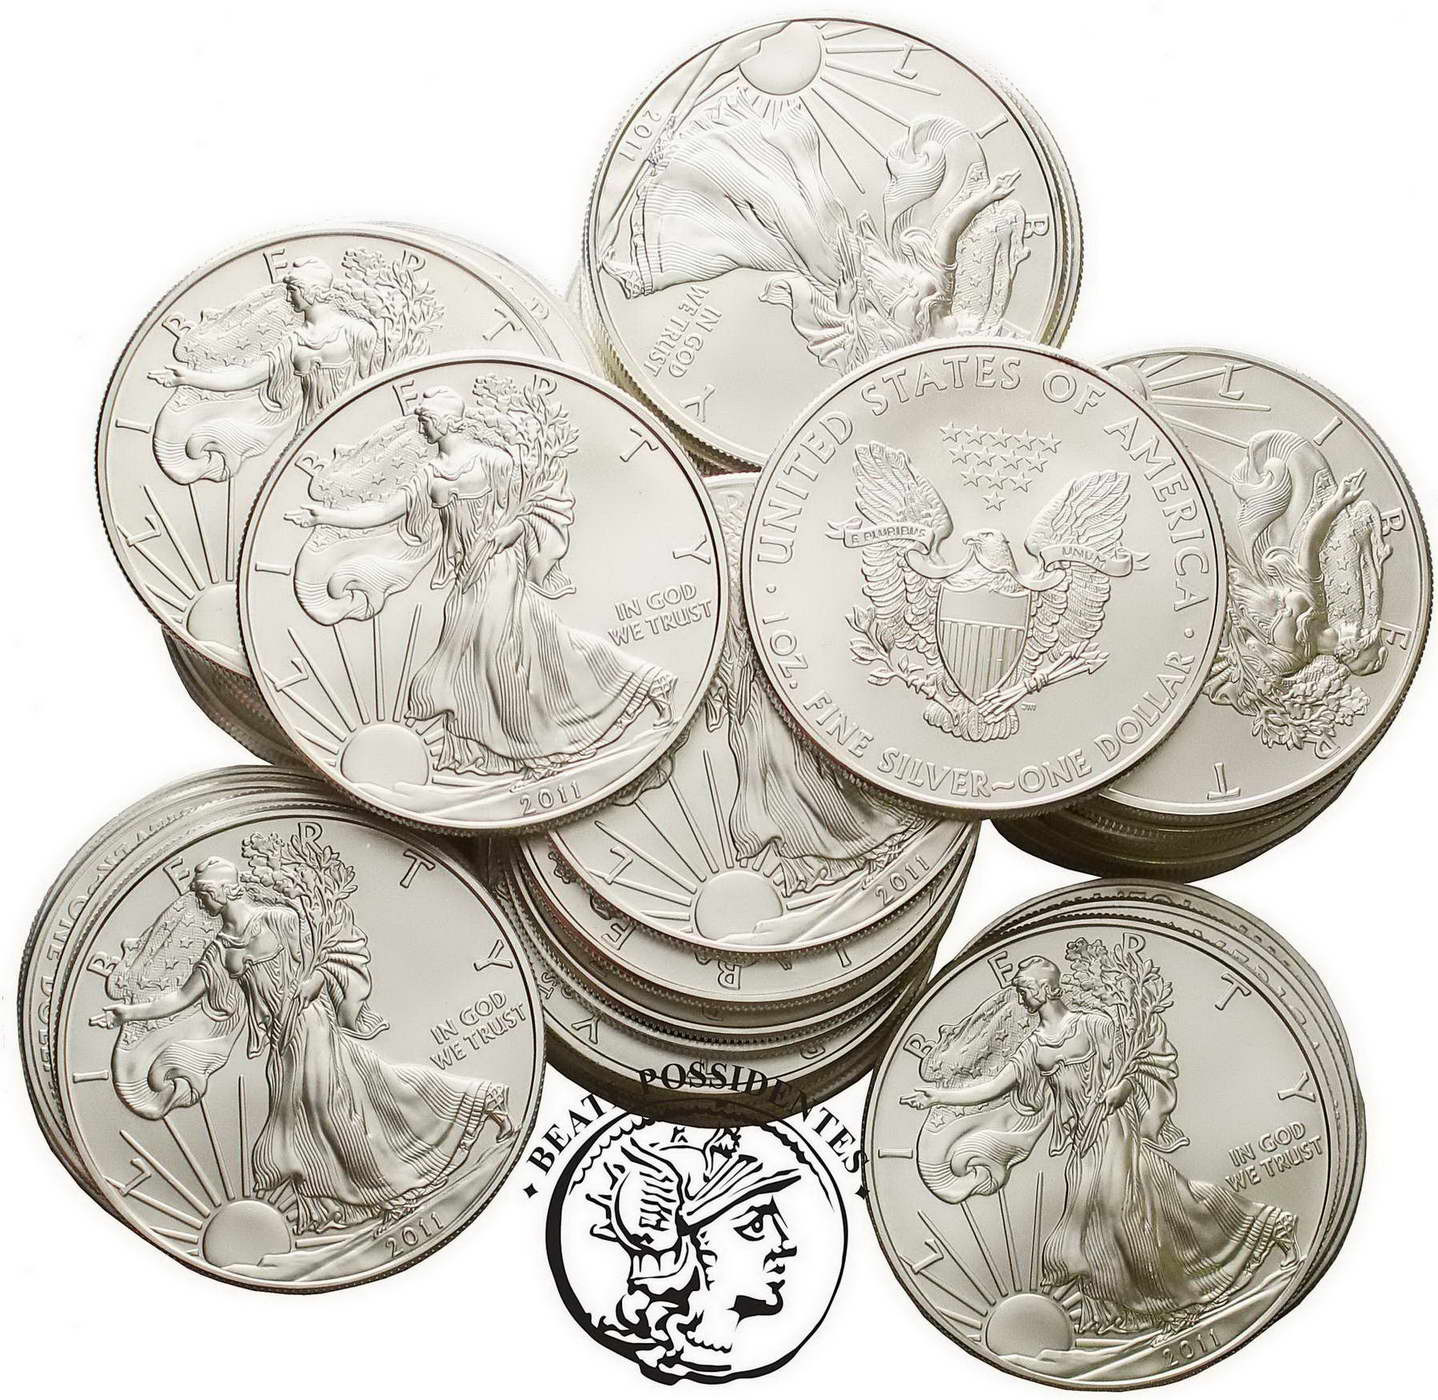 USA 1 Dolar różne lata Uncja Czytego Srebra st.1